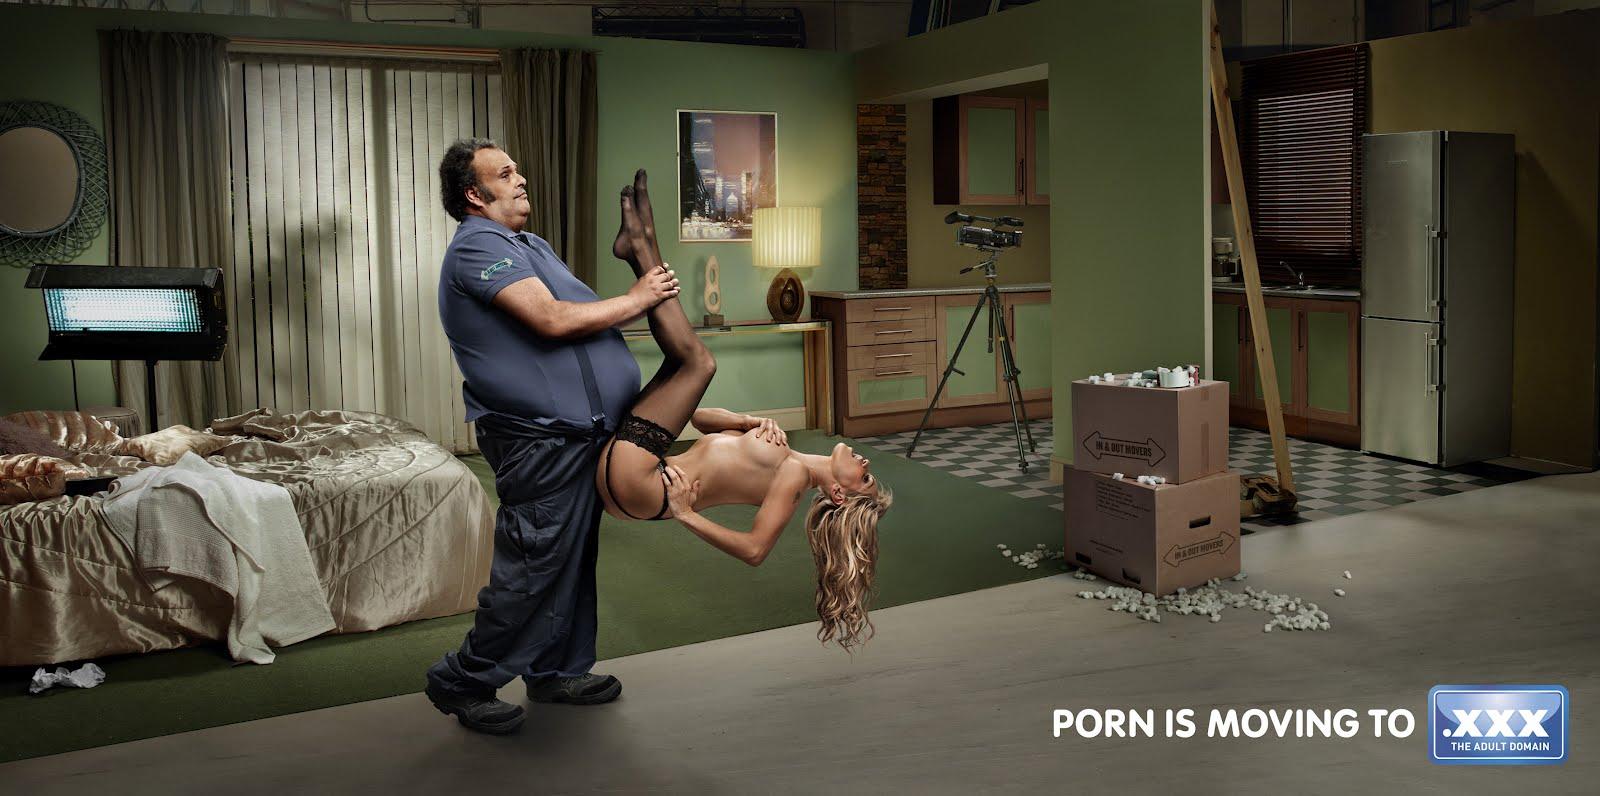 reklama-porno-kontenta